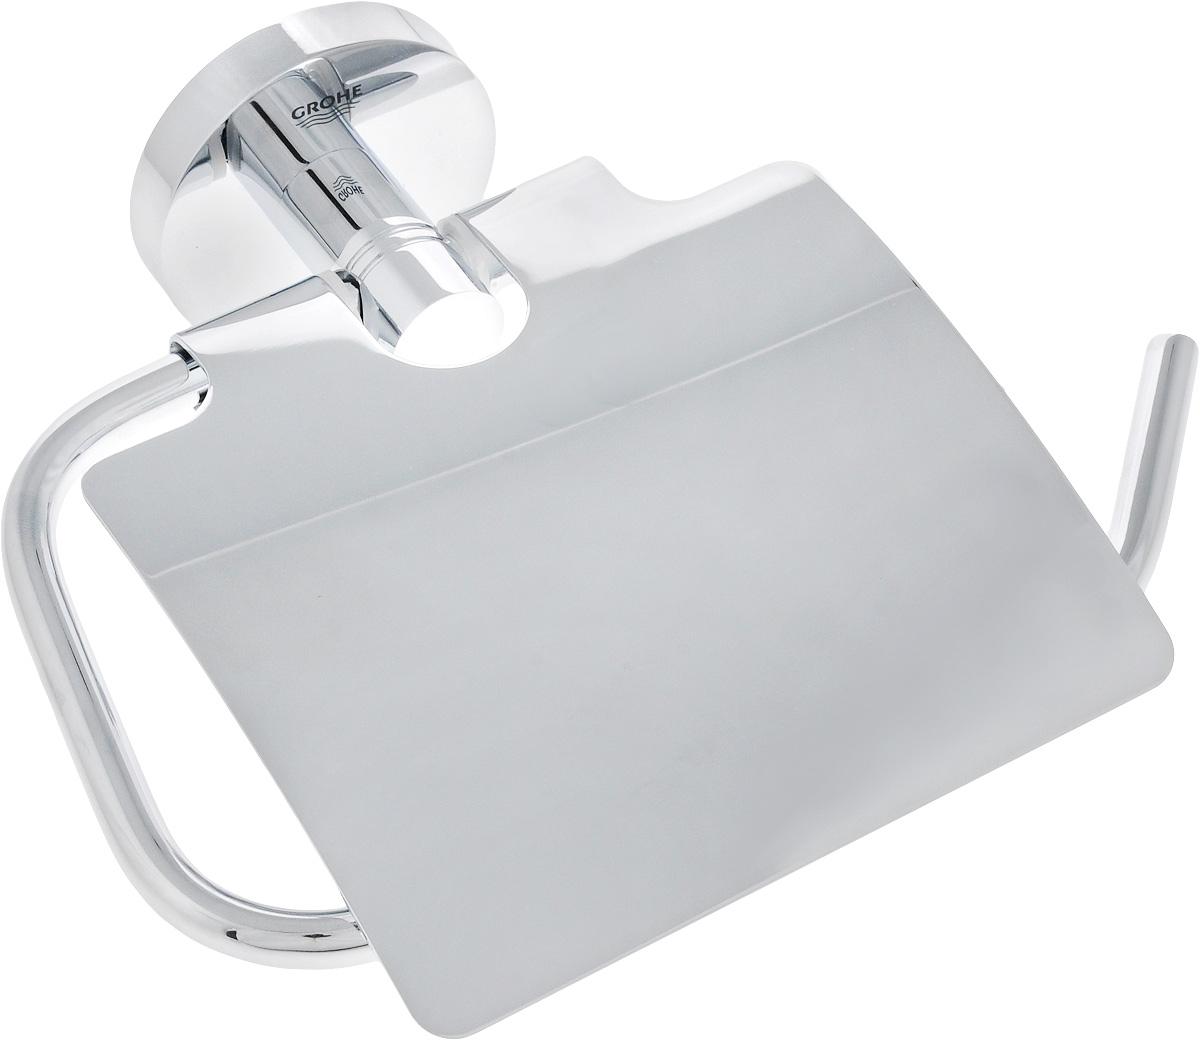 Держатель для туалетной бумаги Grohe